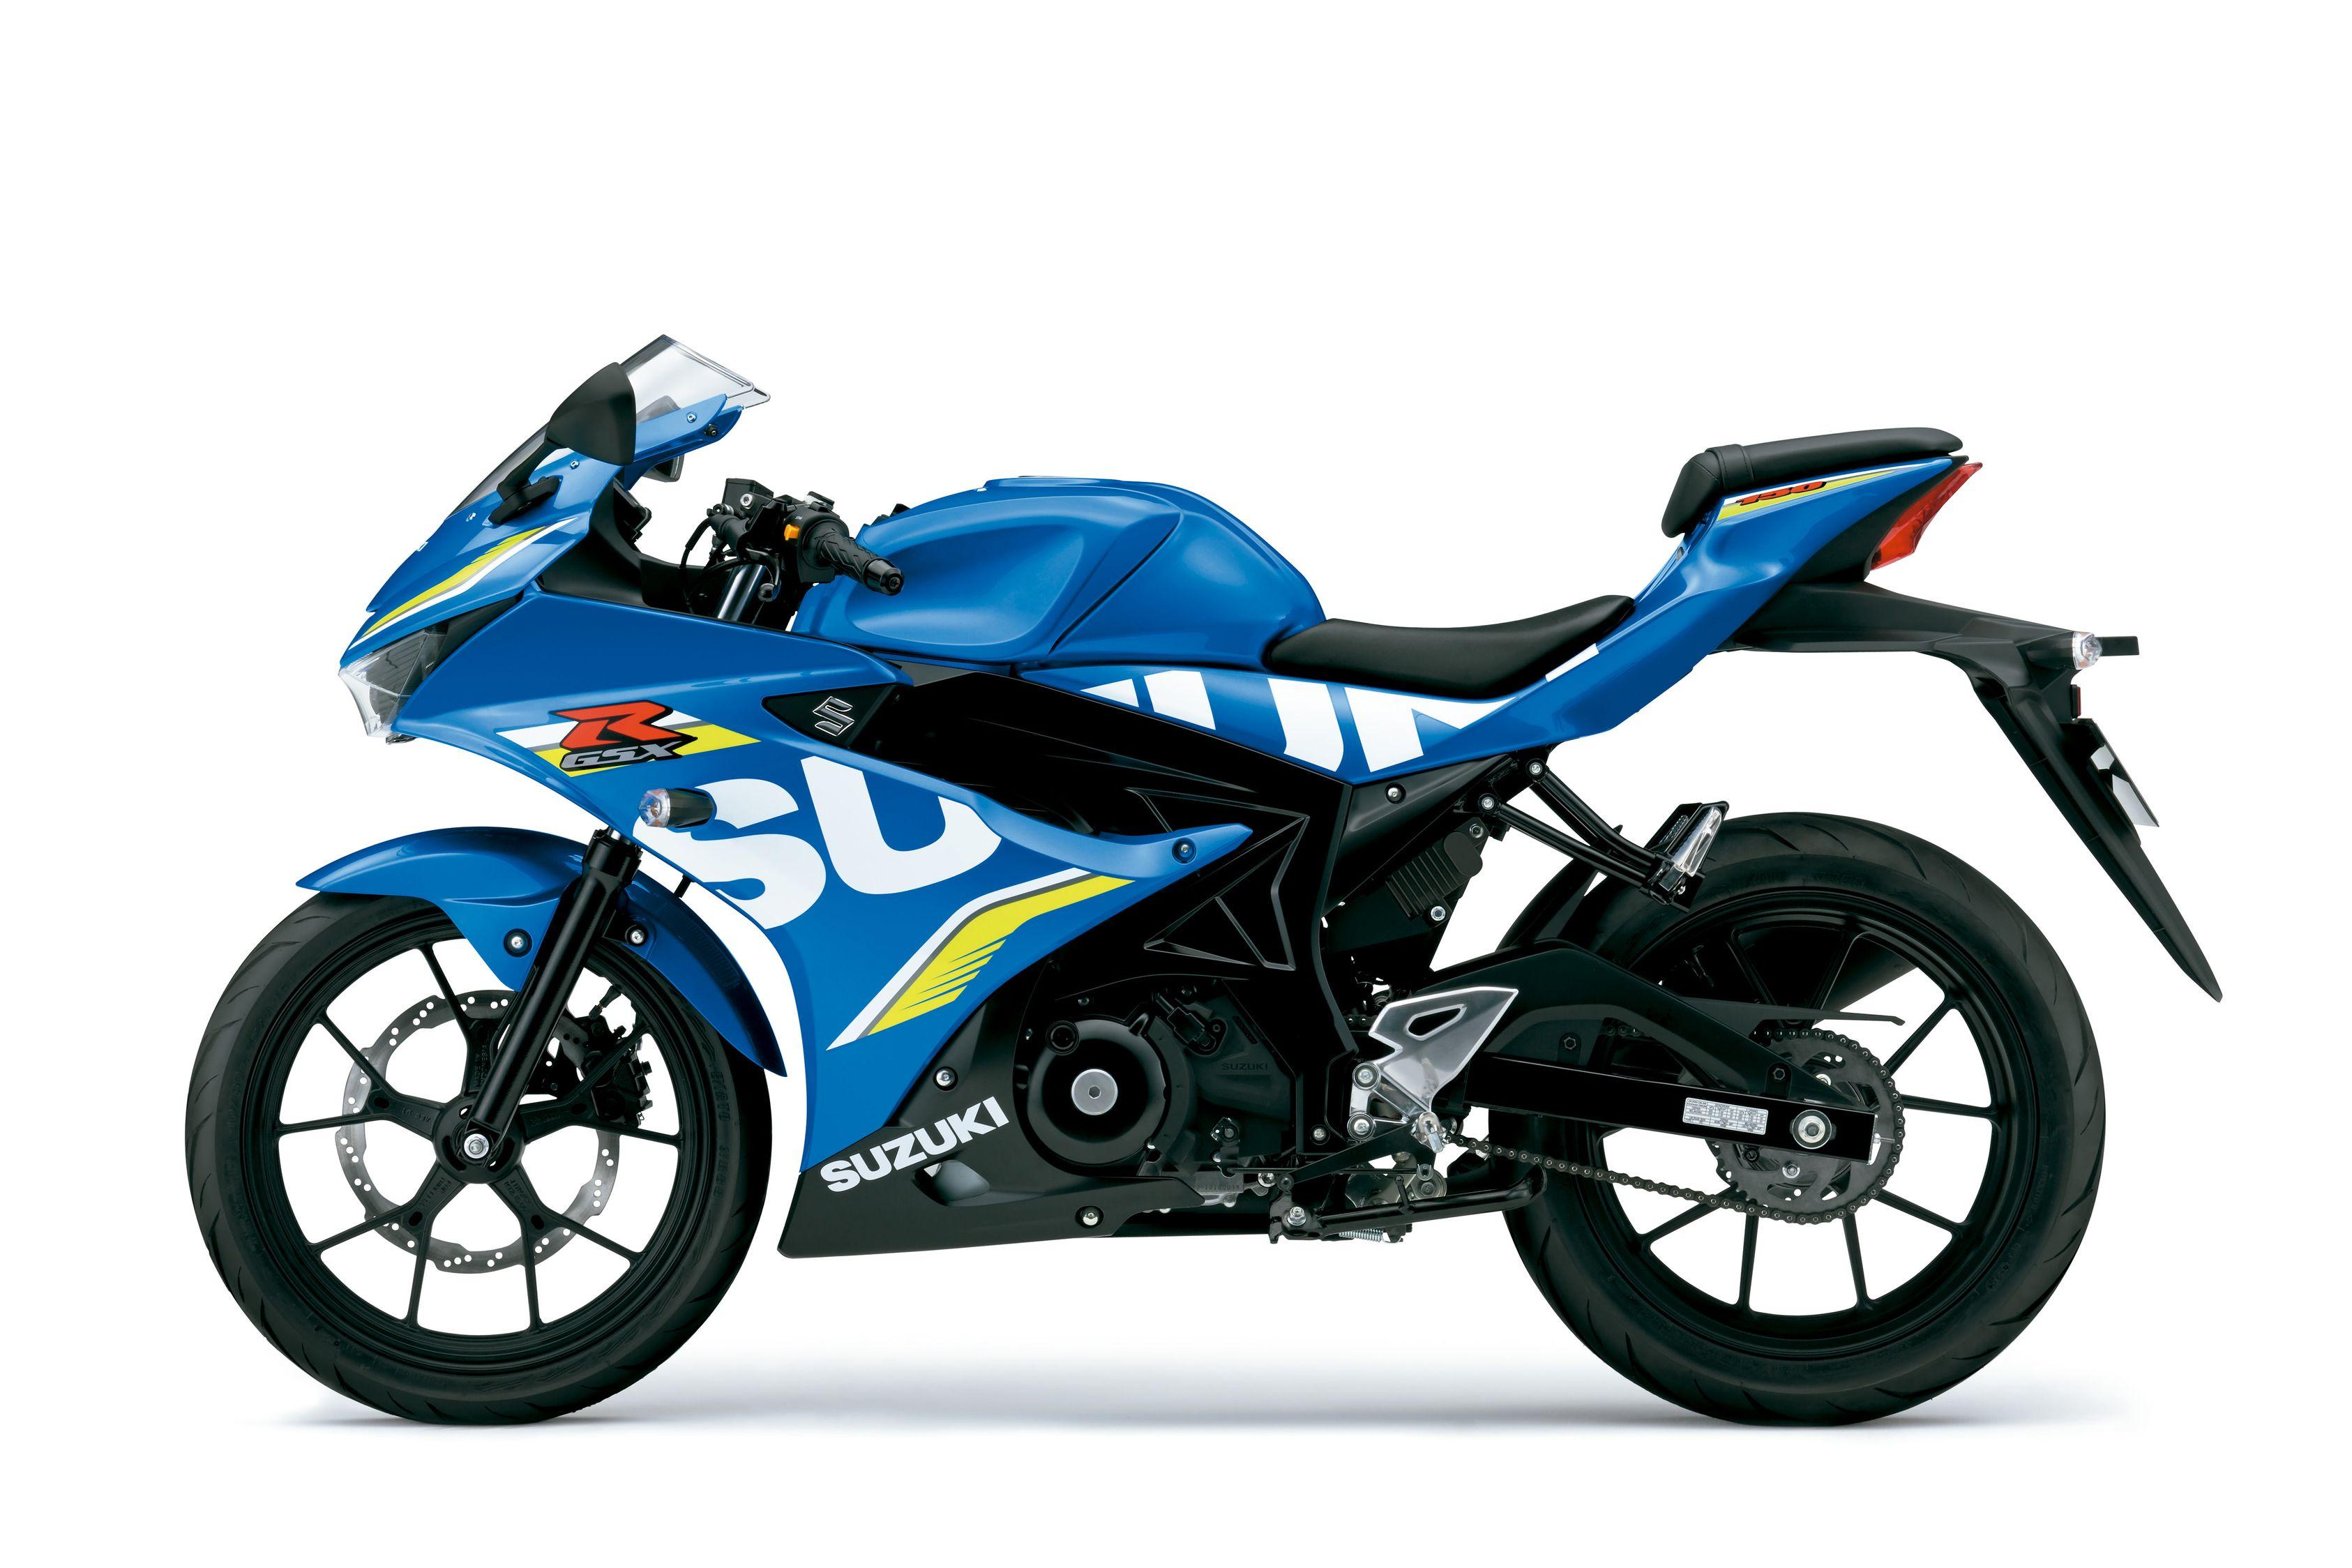 2018 Suzuki GSX-R150 Specifications | Suzuki Motorcycles